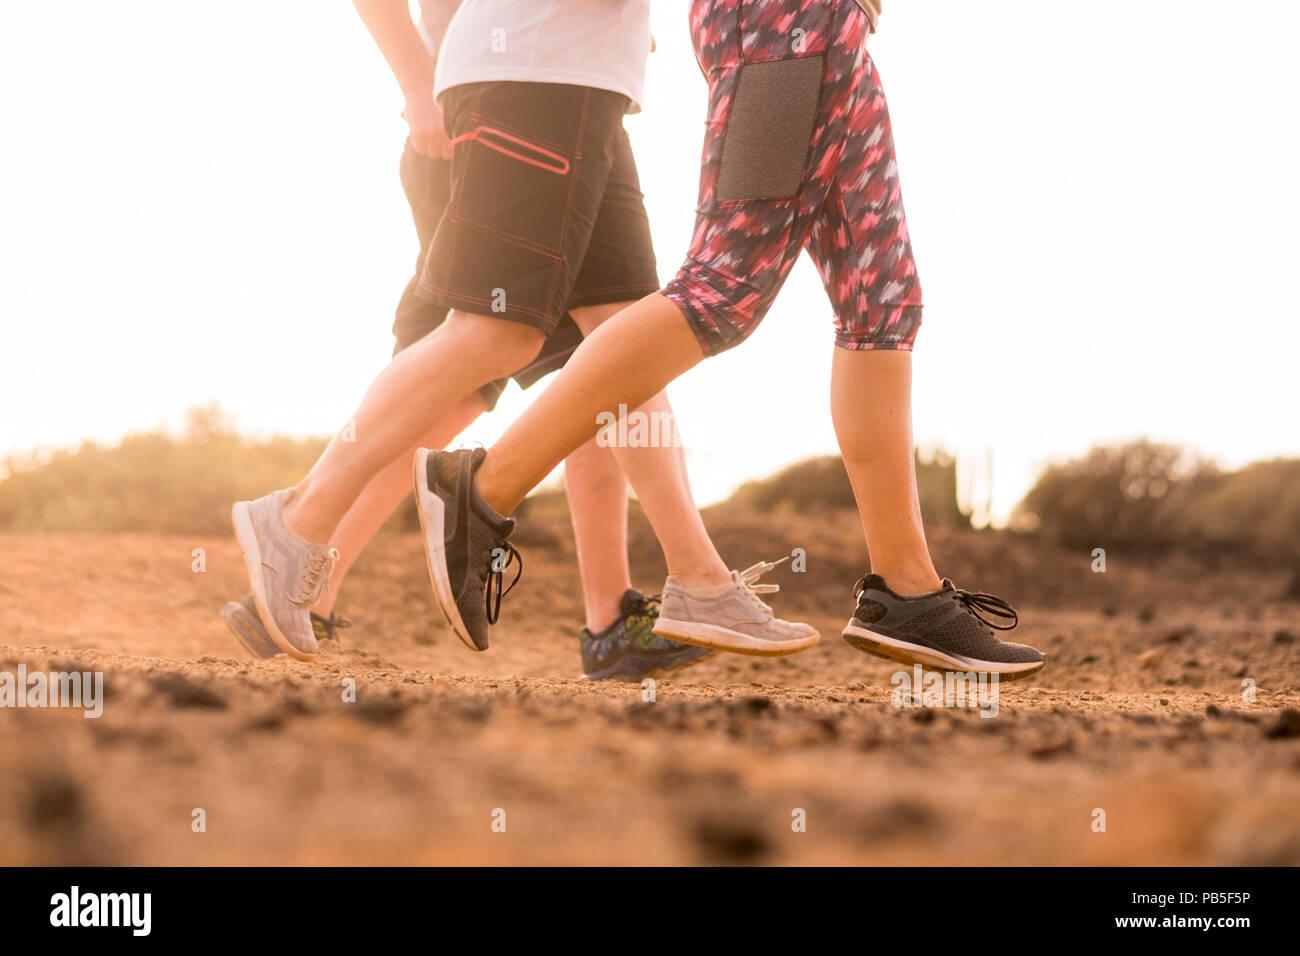 Gruppe von drei kaukasischen Läufer joggen auf dem Wüstenboden outdoor Natur Aktivität. Sport und gesunder Lebensstil für Menschen. Sommer Sonne Stockbild